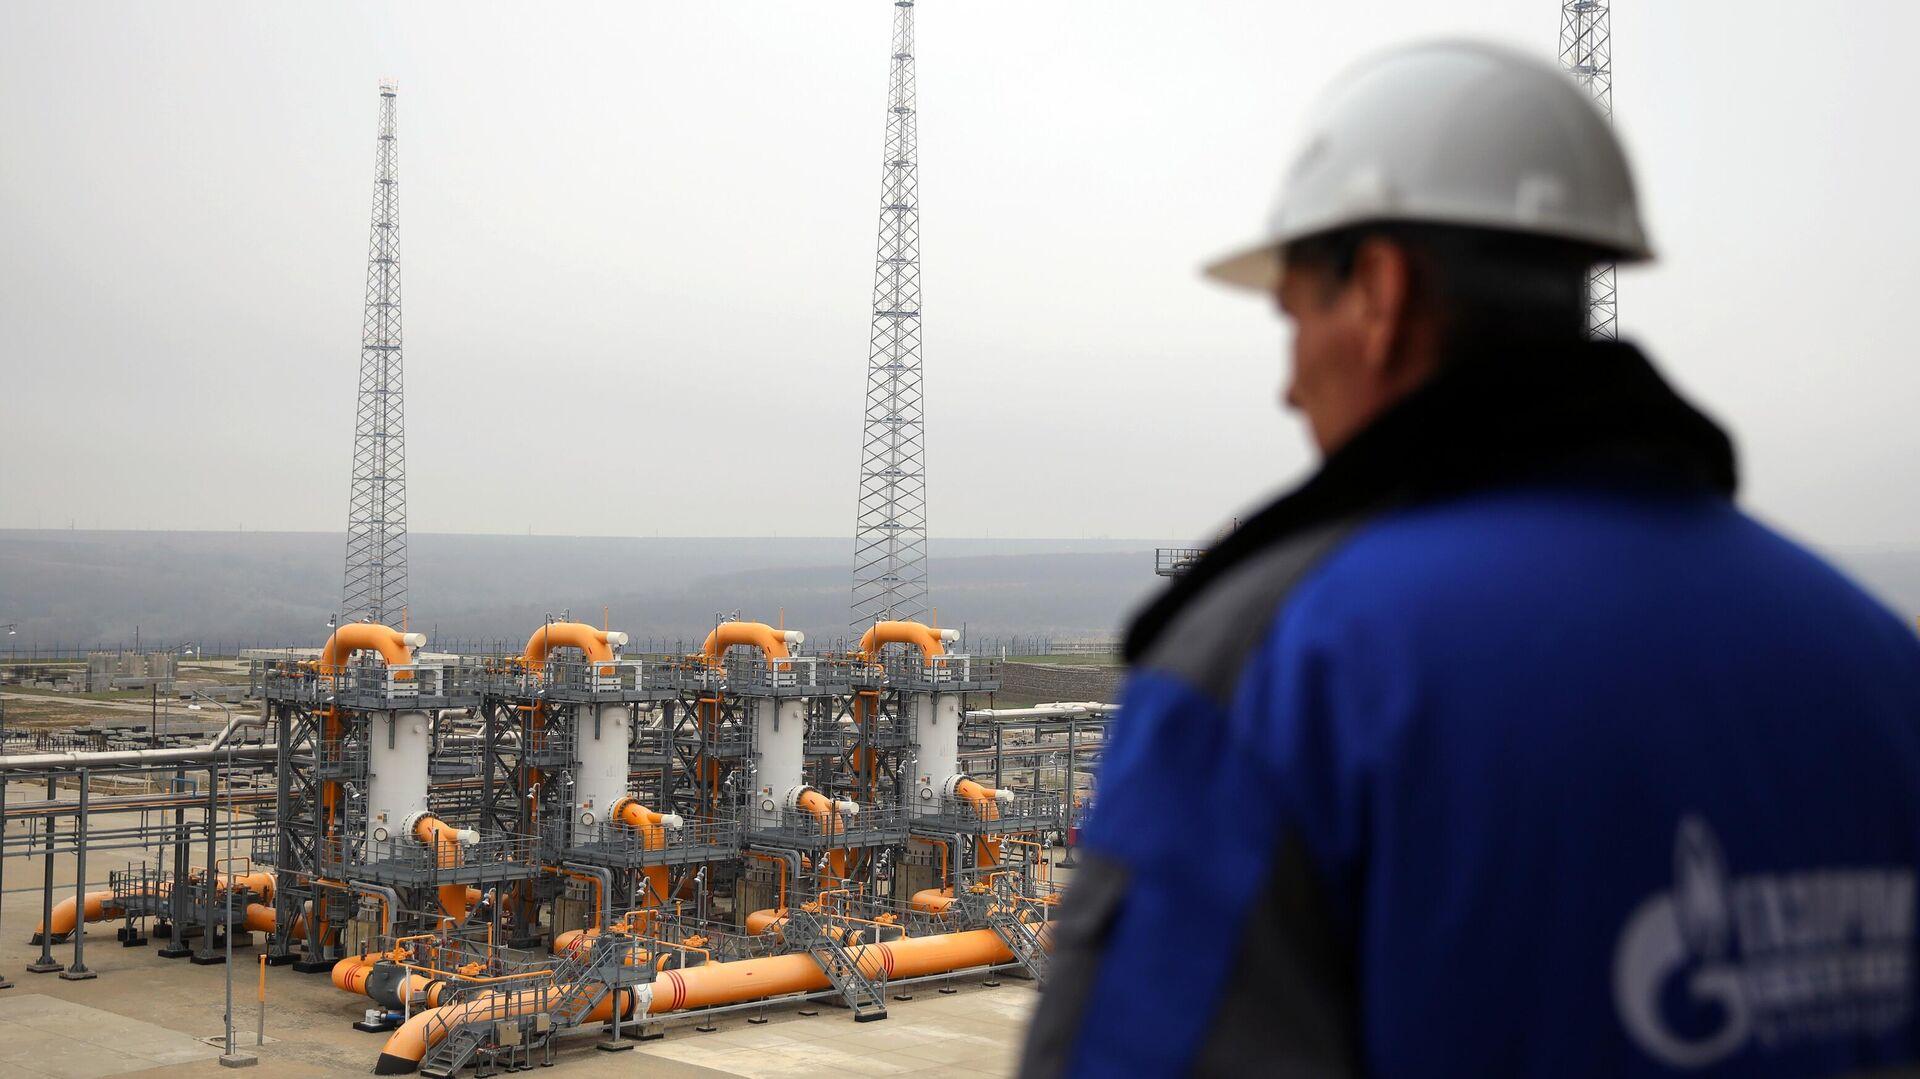 Компрессорная станция Казачья, входящая в систему газопроводов для обеспечения поставок газа для Турецкого потока - РИА Новости, 1920, 15.07.2021